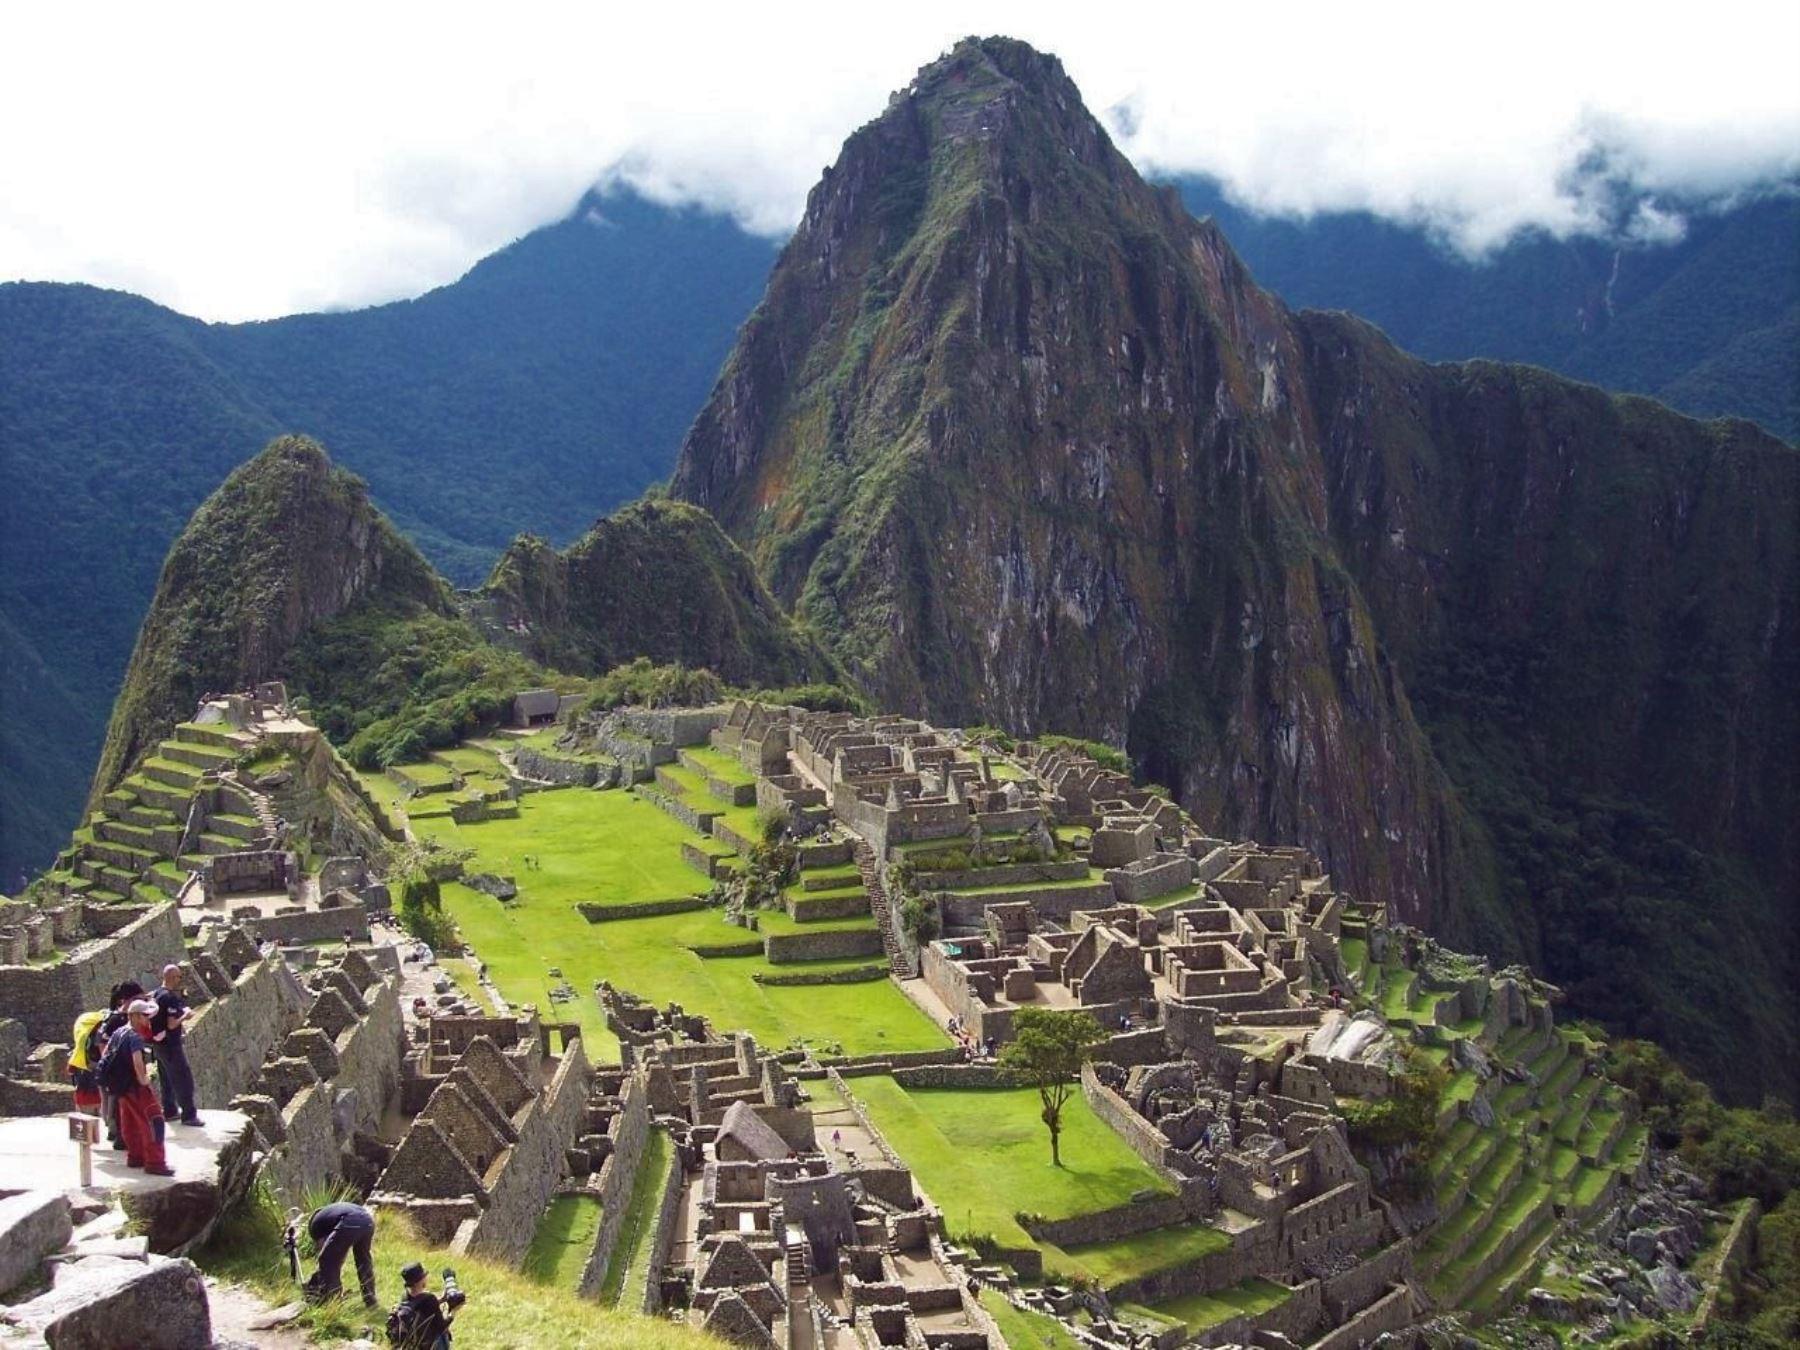 Desde este lunes 1 de marzo se reiniciarán las visitas a la ciudadela inca de Machu Picchu, con un aforo permitido del 40 % de la capacidad de carga del Santuario Histórico-Parque Arqueológico y principal atractivo turístico del Perú, lo que significa un ingreso máximo de 897 personas por día. Foto: ANDINA/difusión.